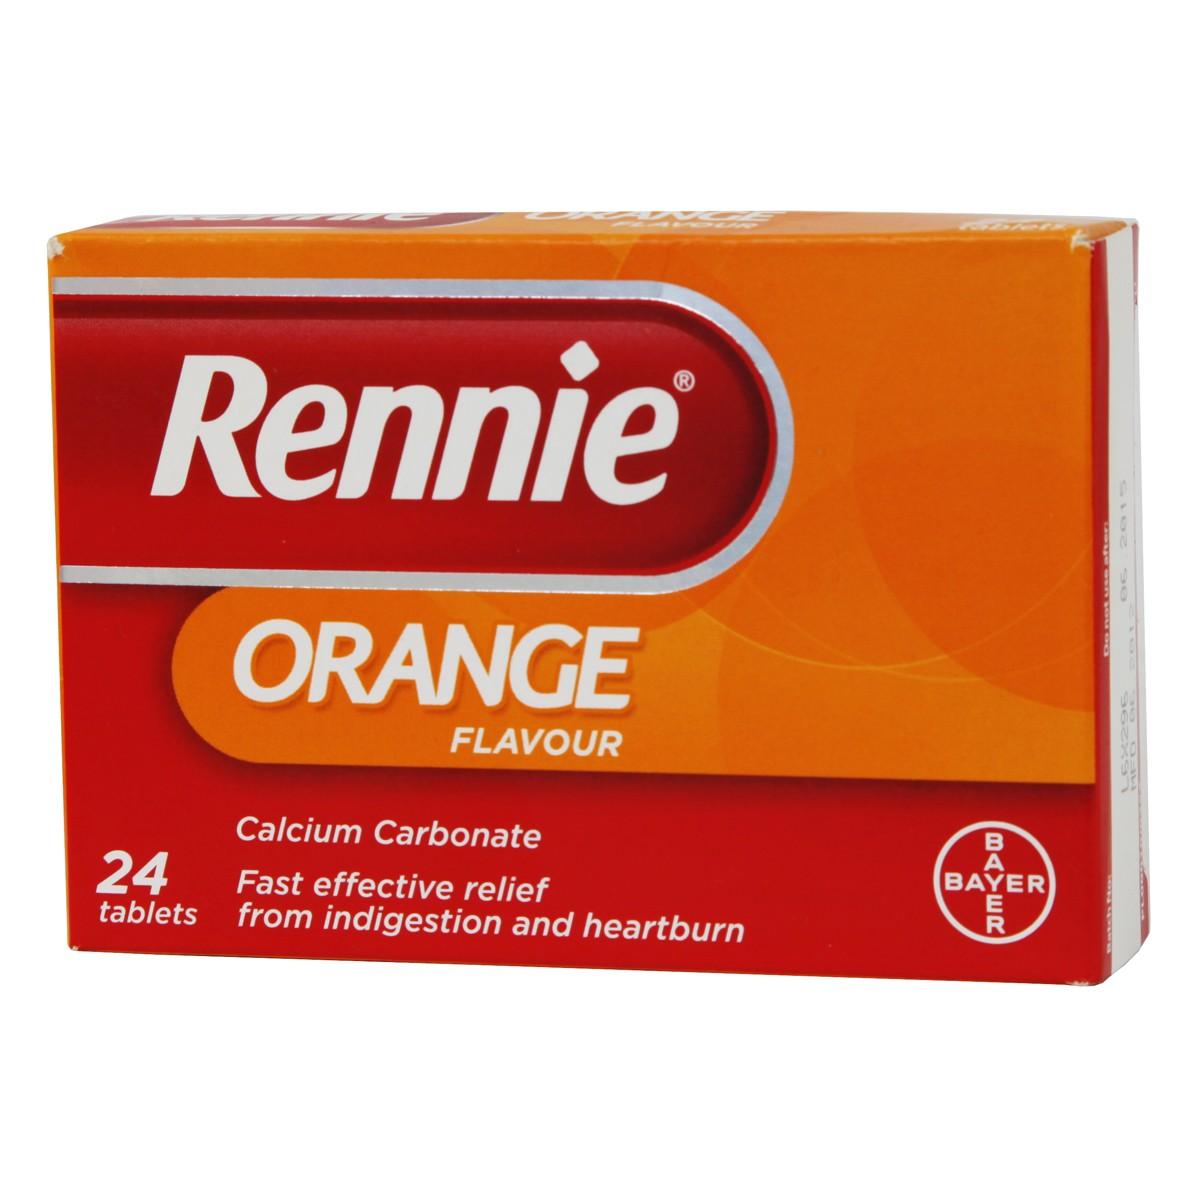 Rennie Orange